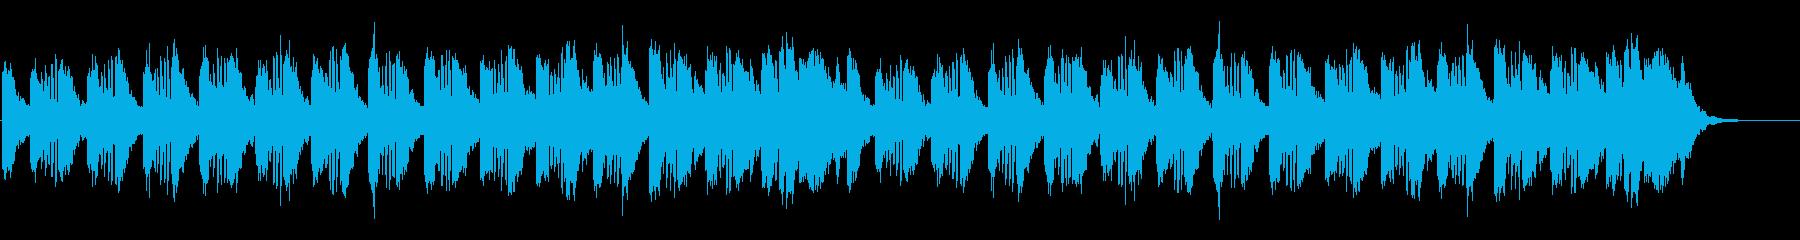 博士の実験室の再生済みの波形